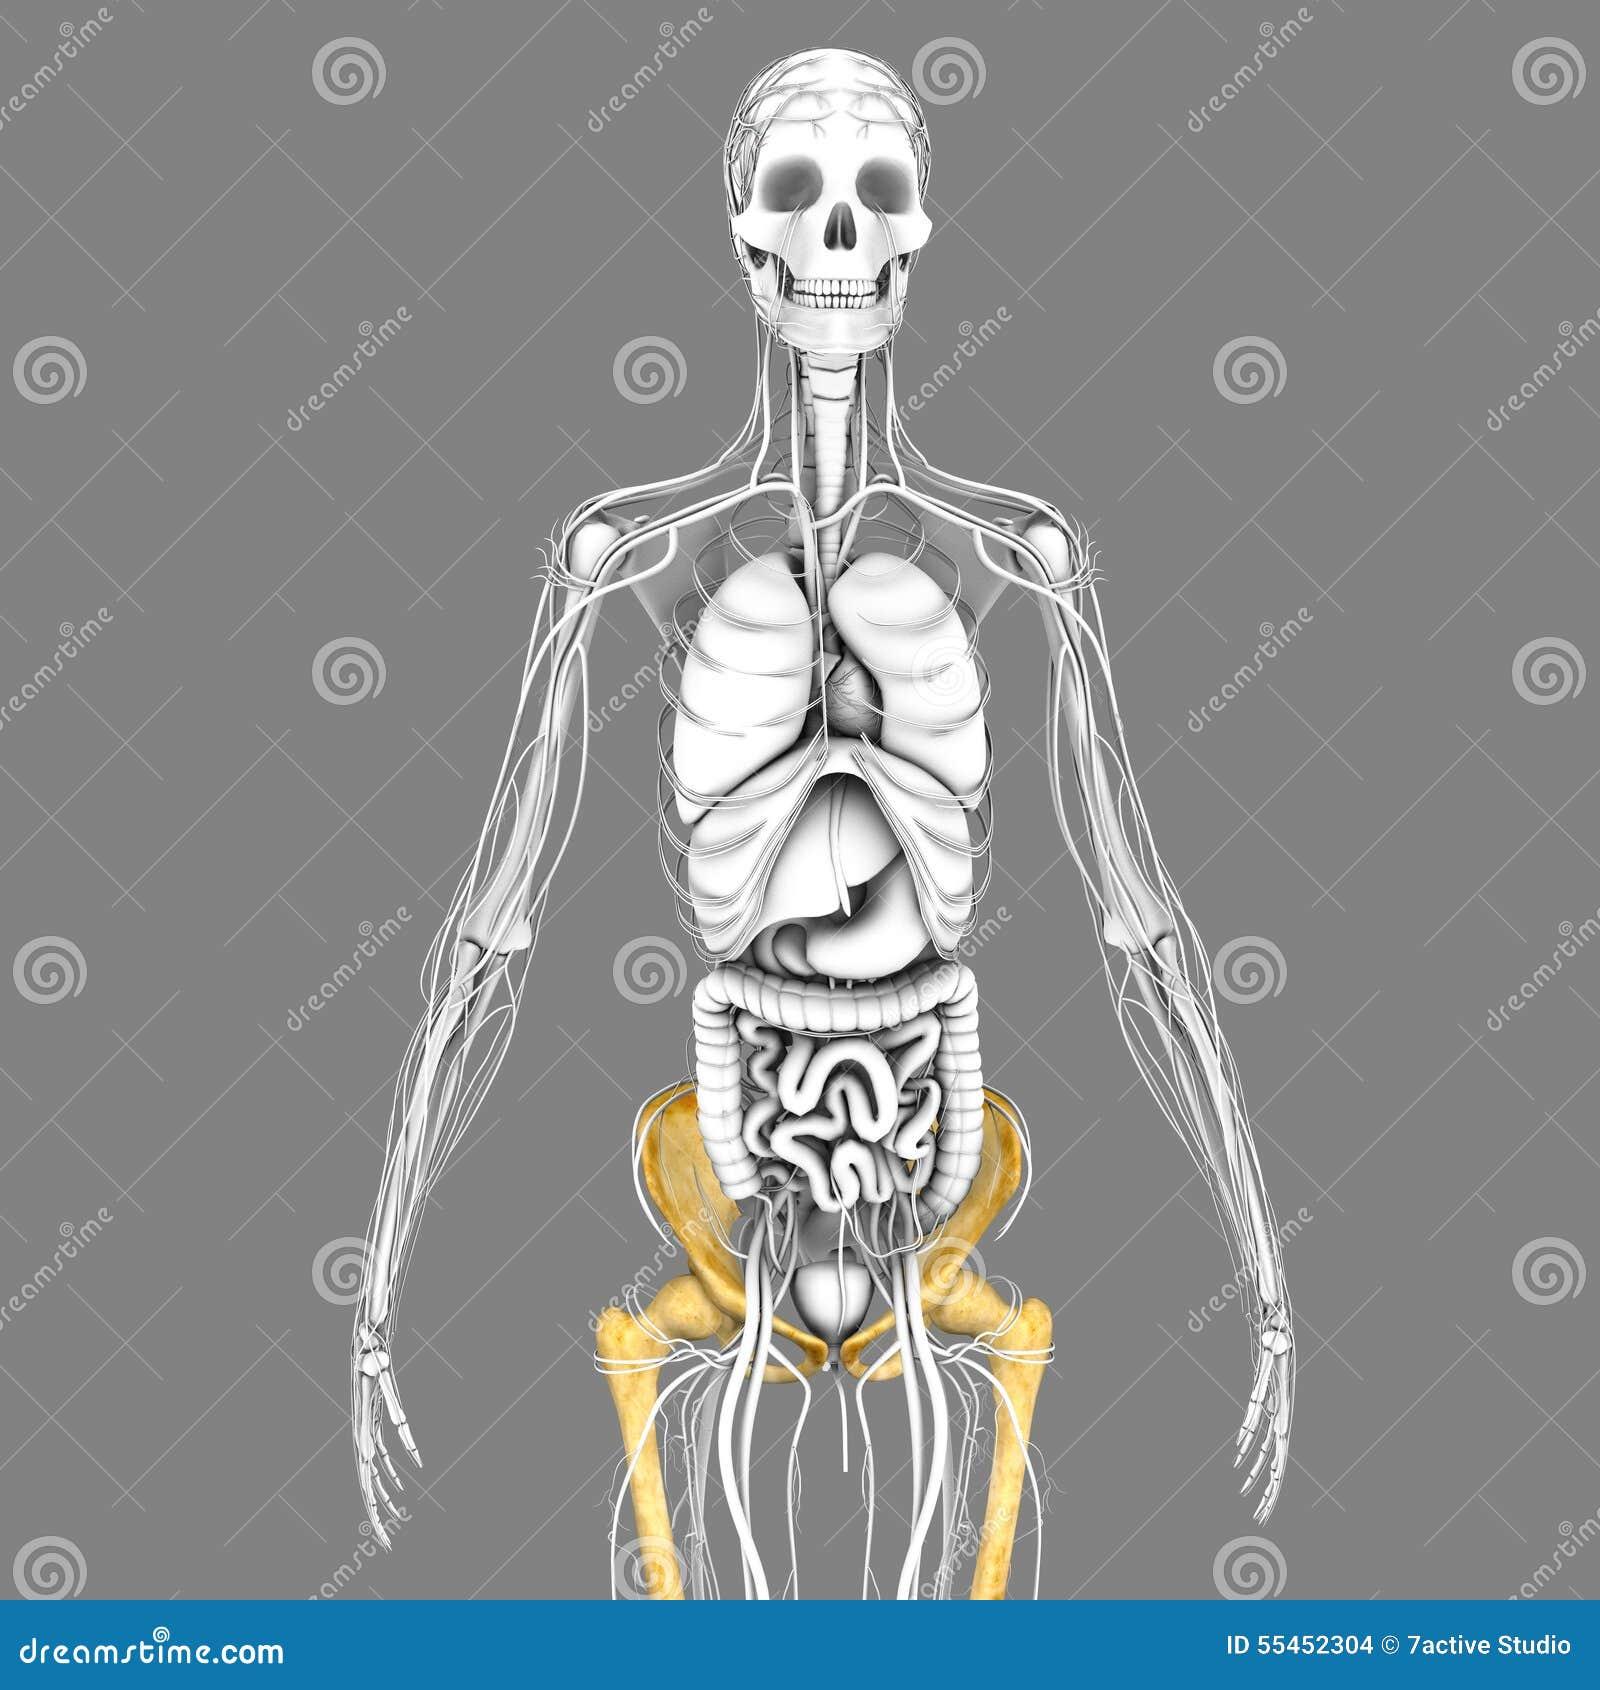 Esqueleto humano stock de ilustración. Ilustración de pecho - 55452304